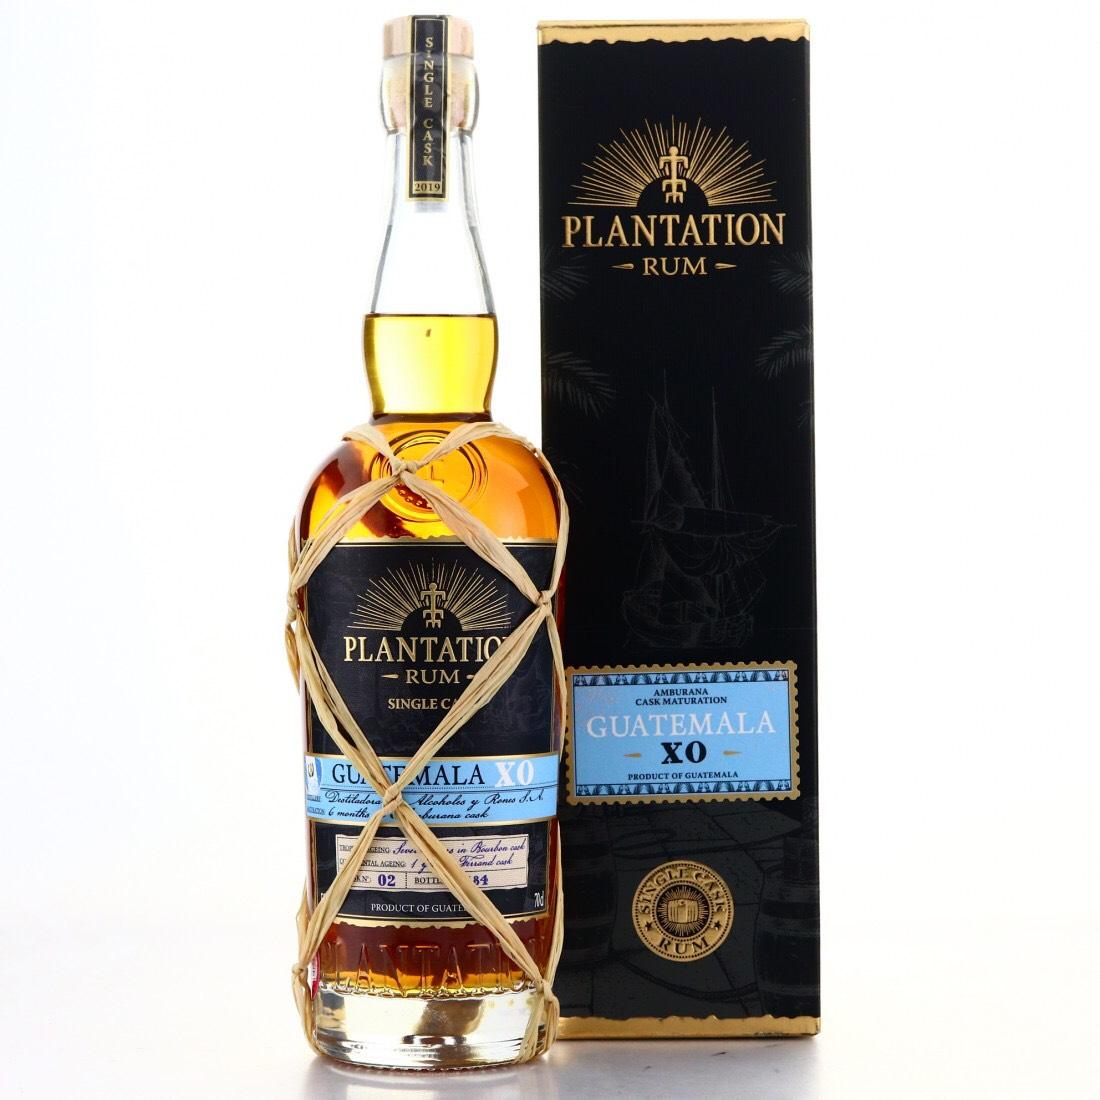 Bottle image of Plantation Guatemala XO (Edition 2019)